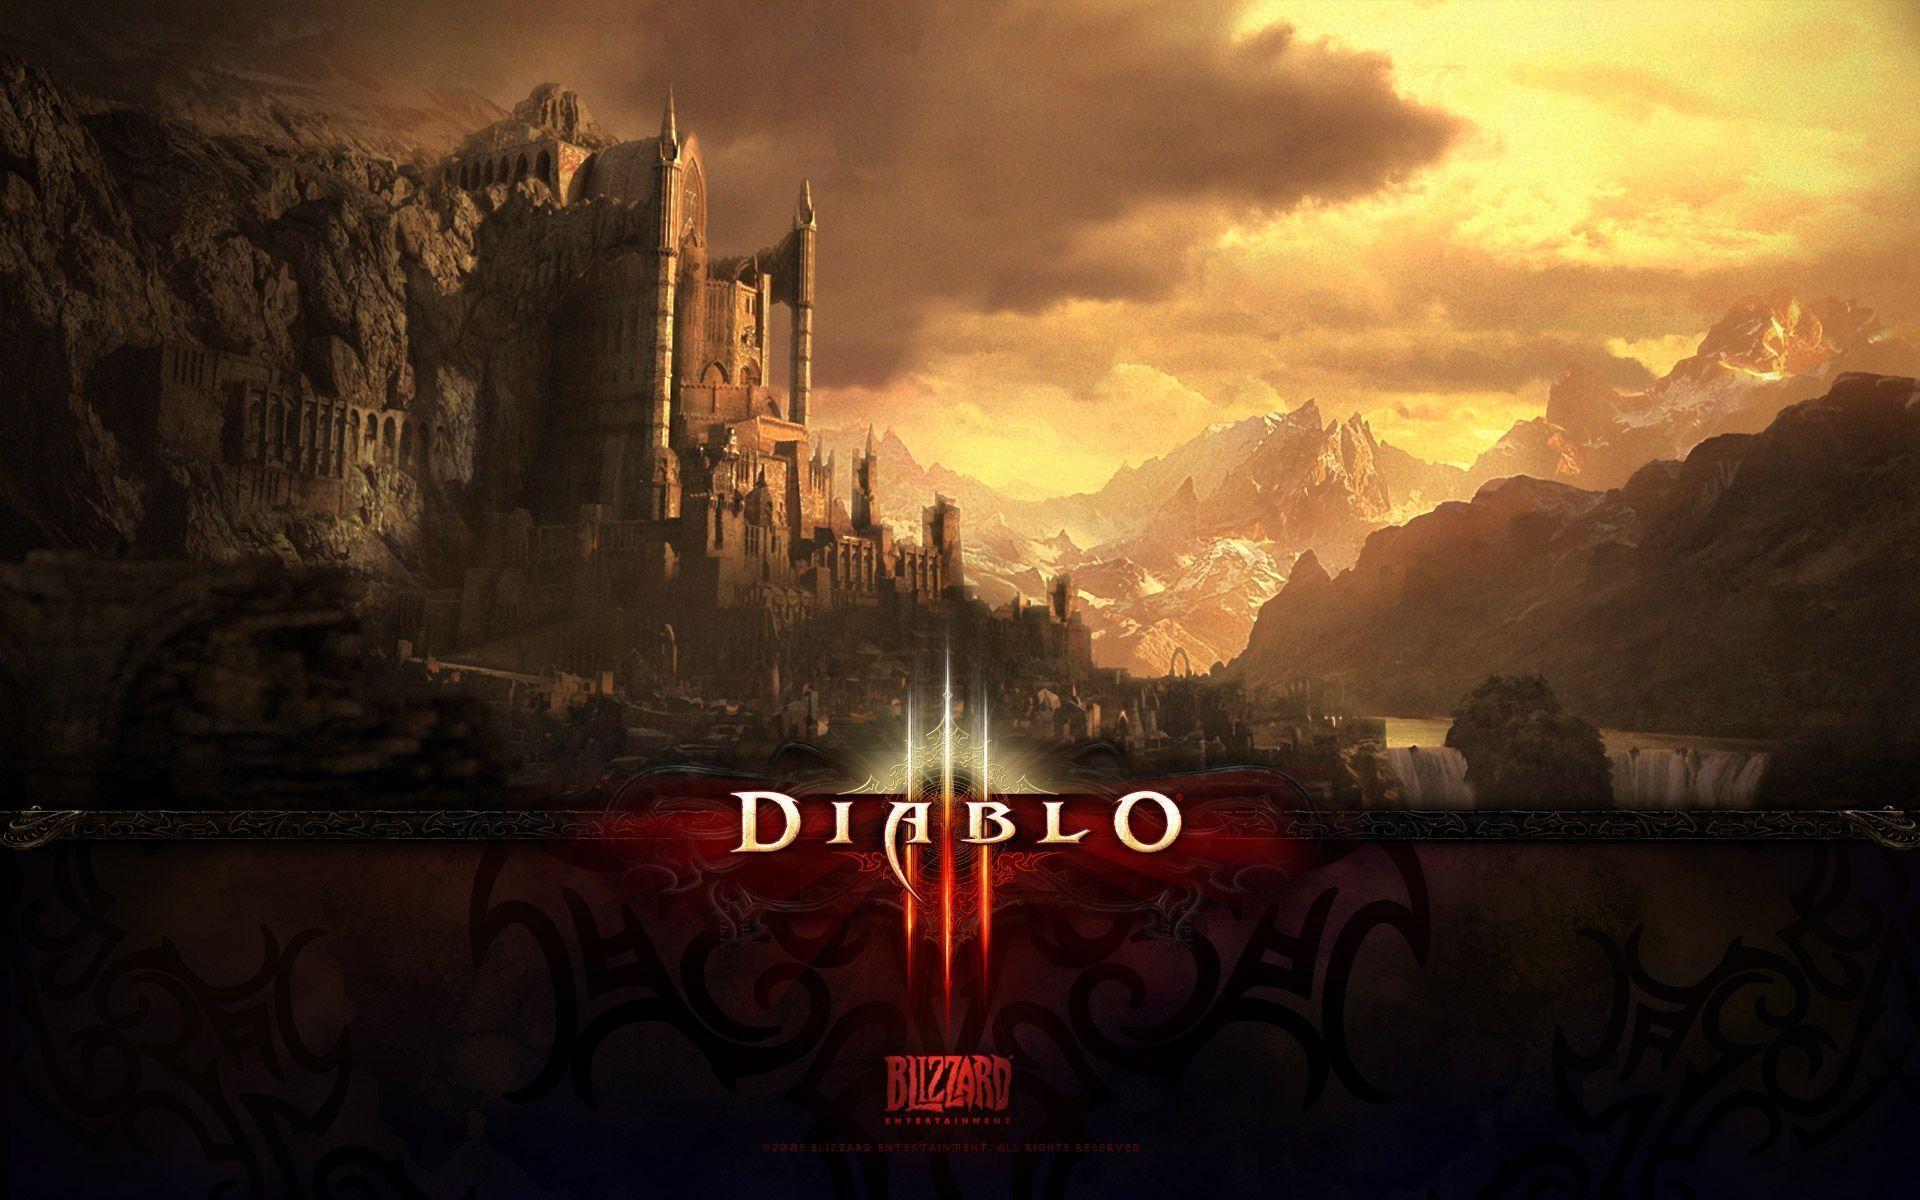 diablo3-wallpaper005-1920x1200.jpg